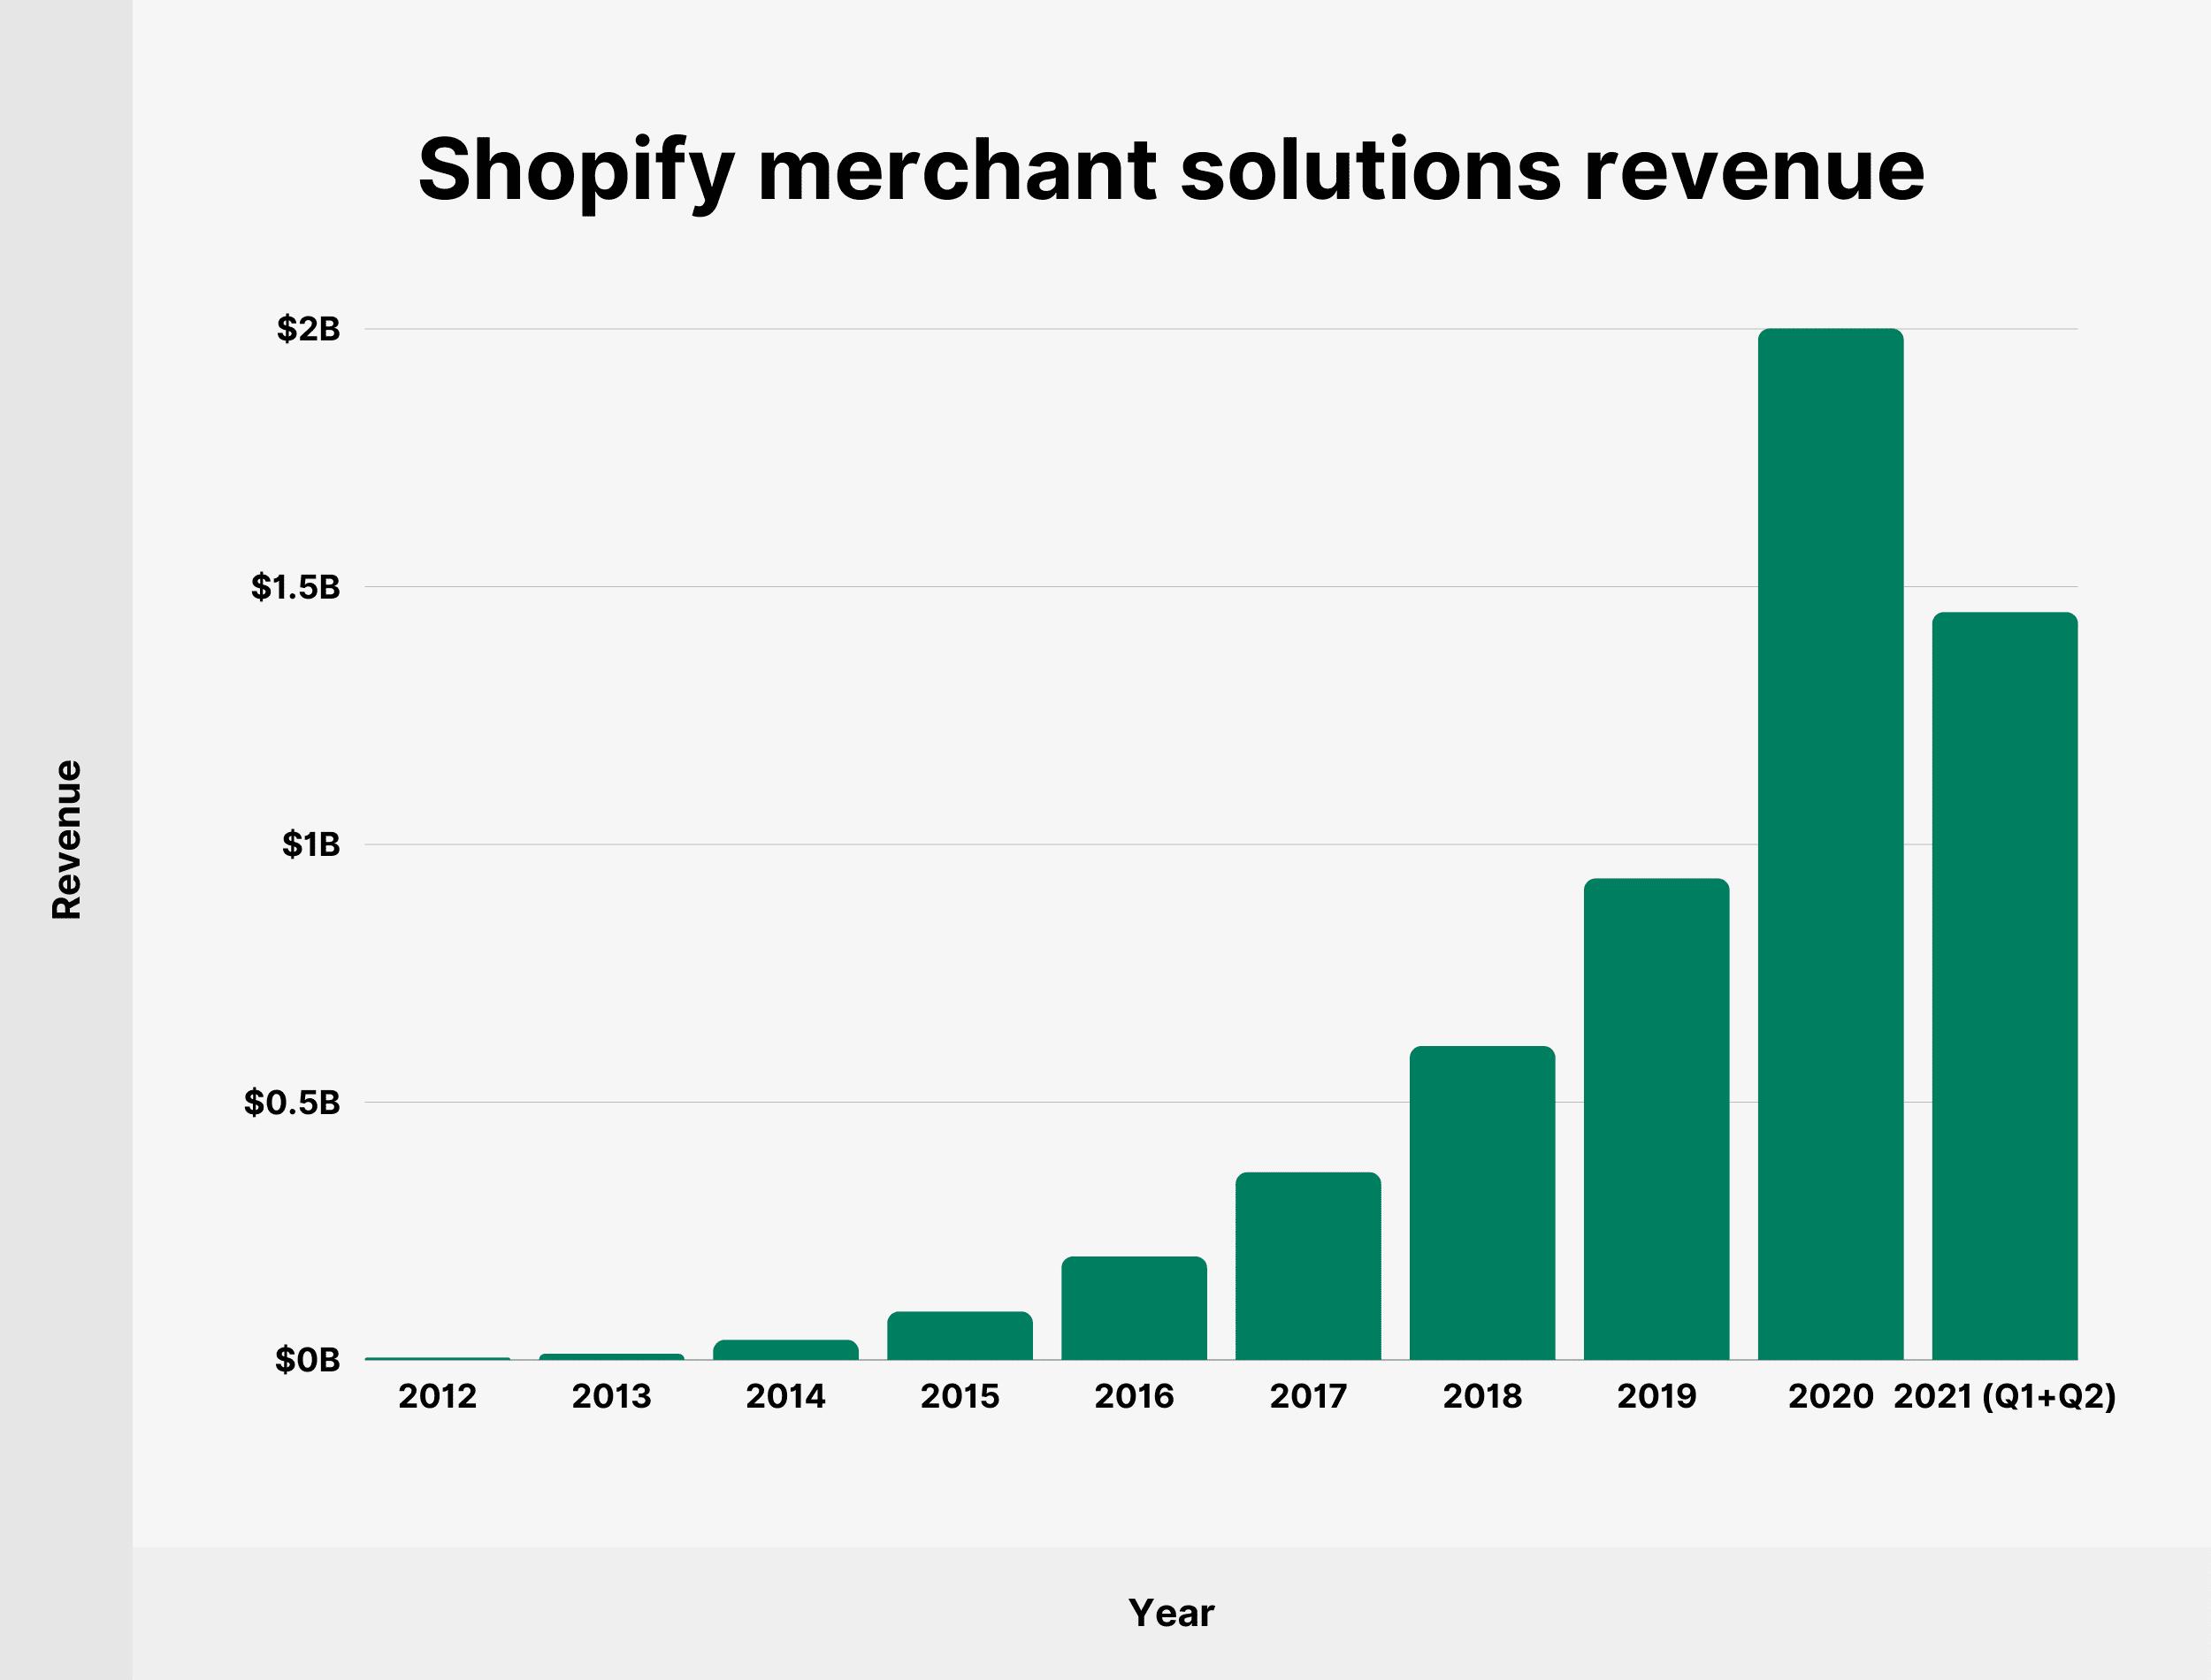 Shopify merchant solutions revenue